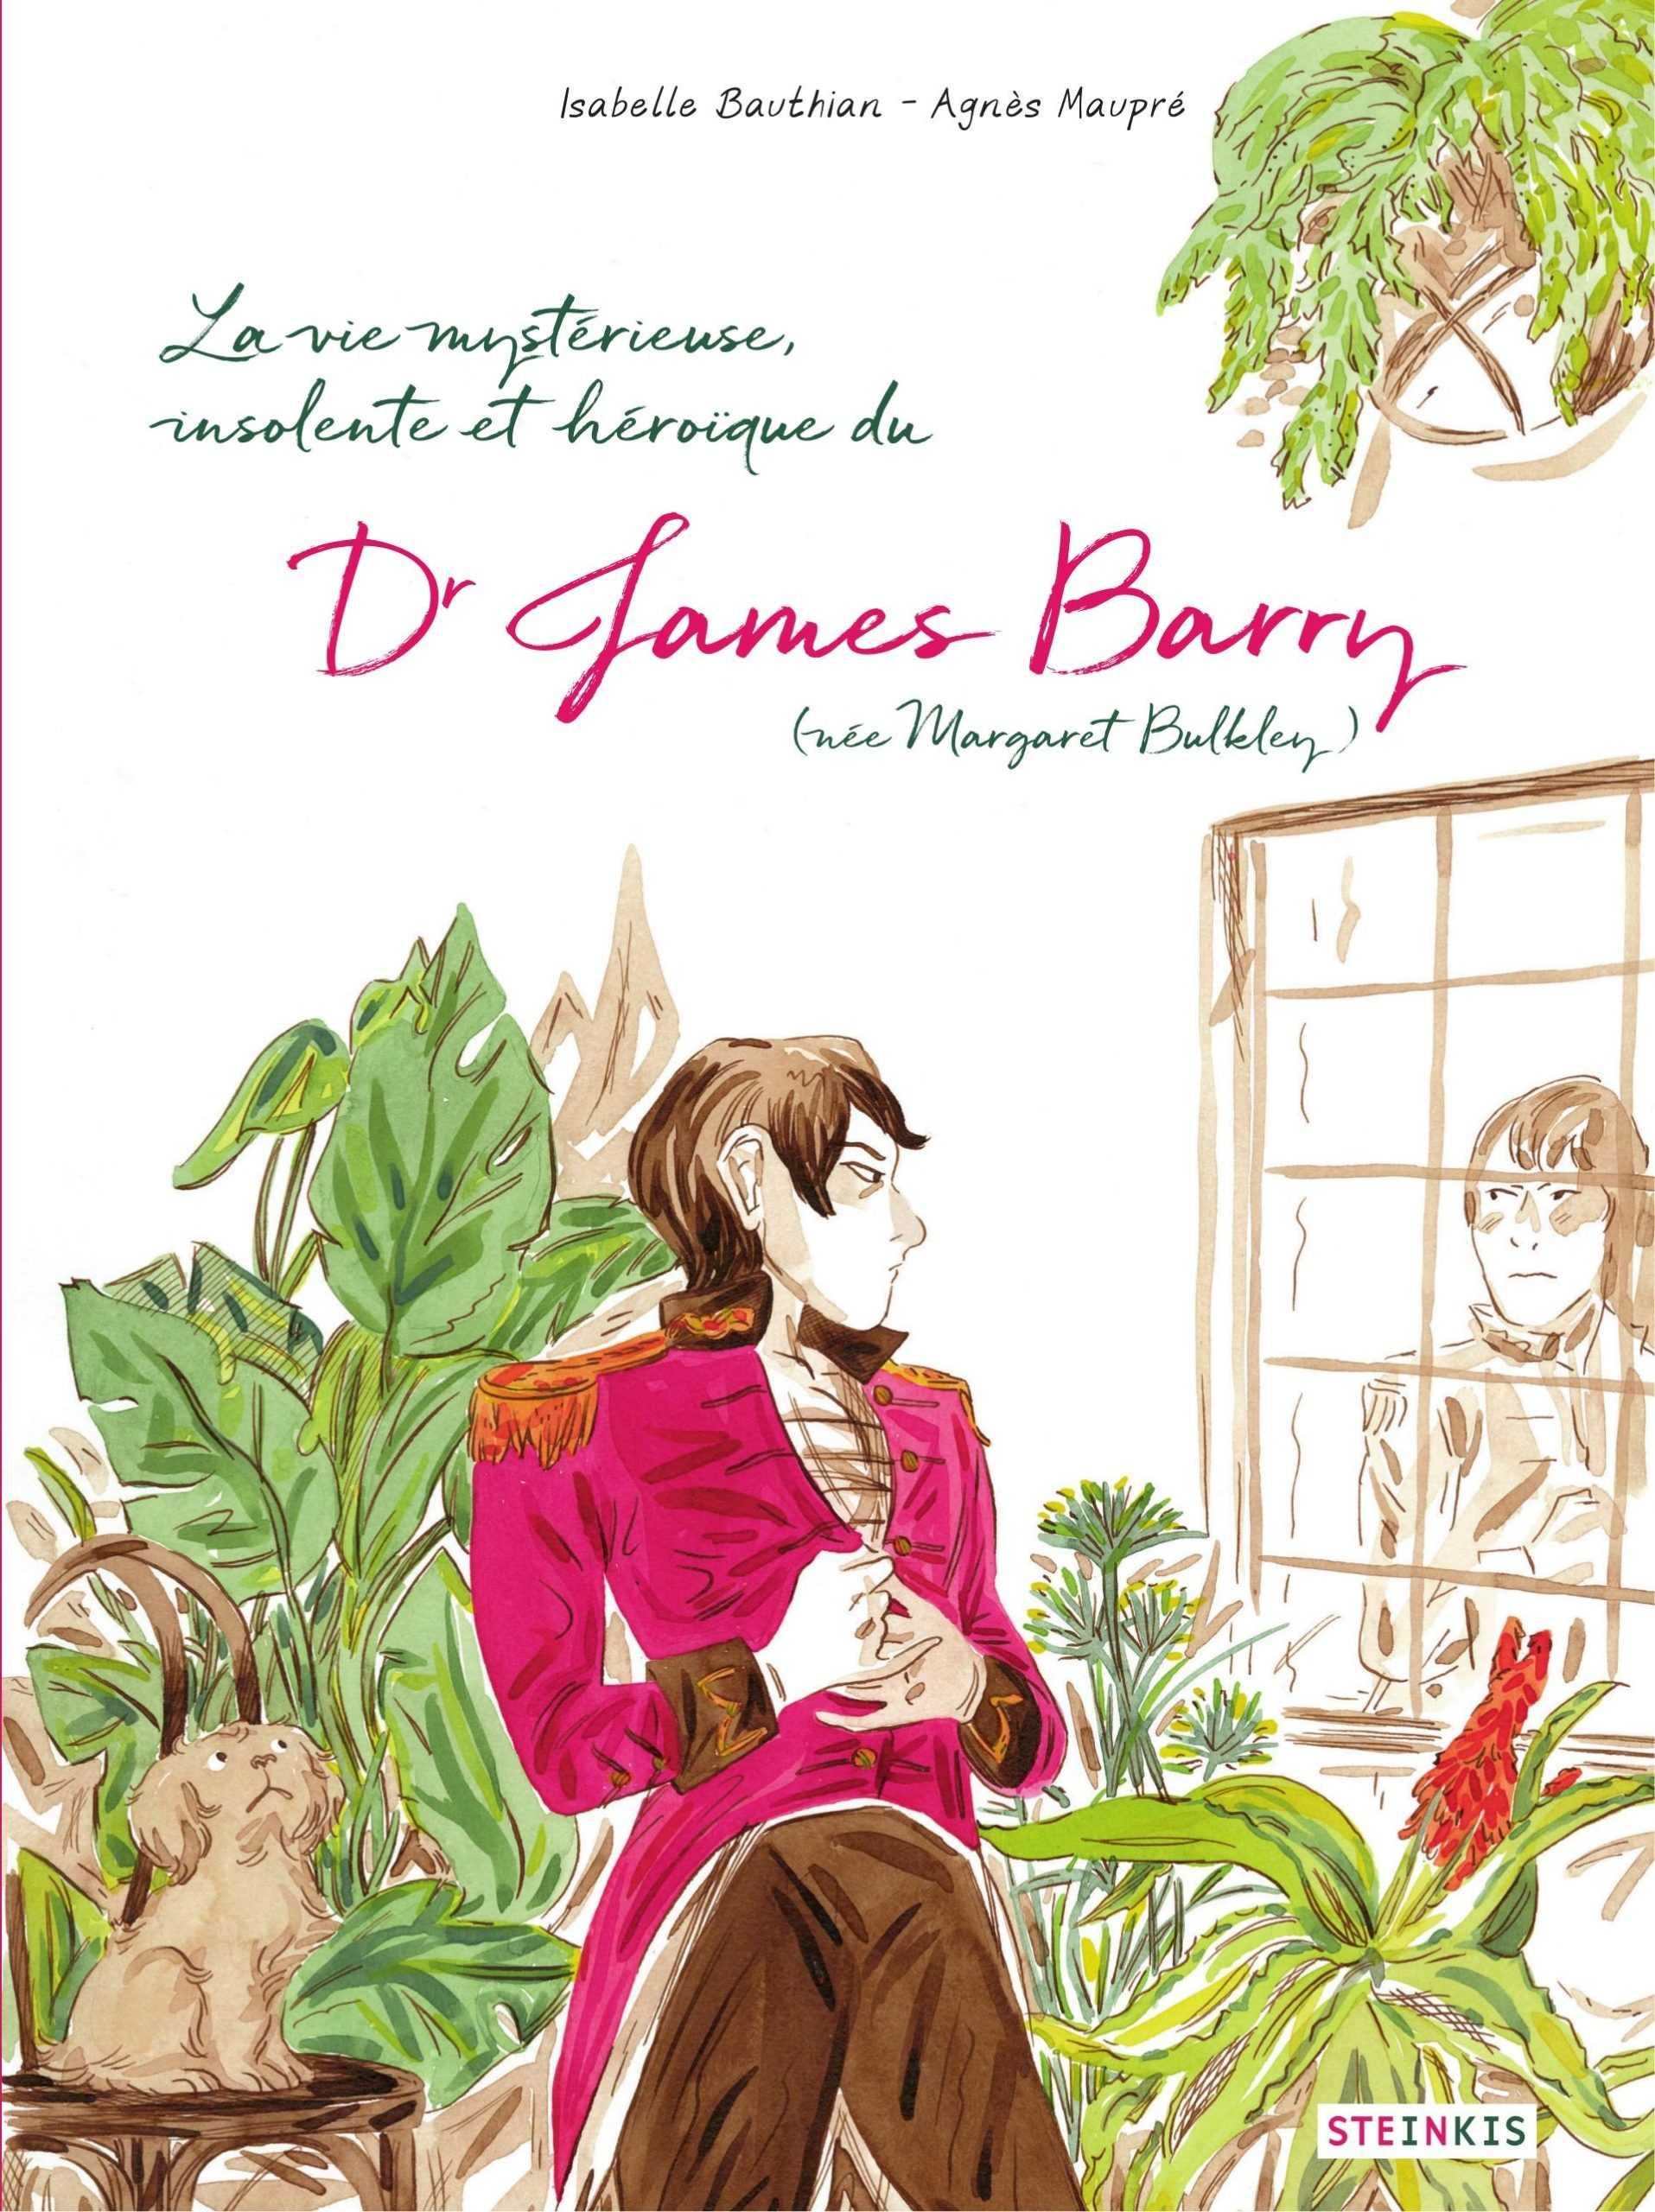 La vie mystérieuse, insolente et héroïque du Dr James Barry, époustouflant